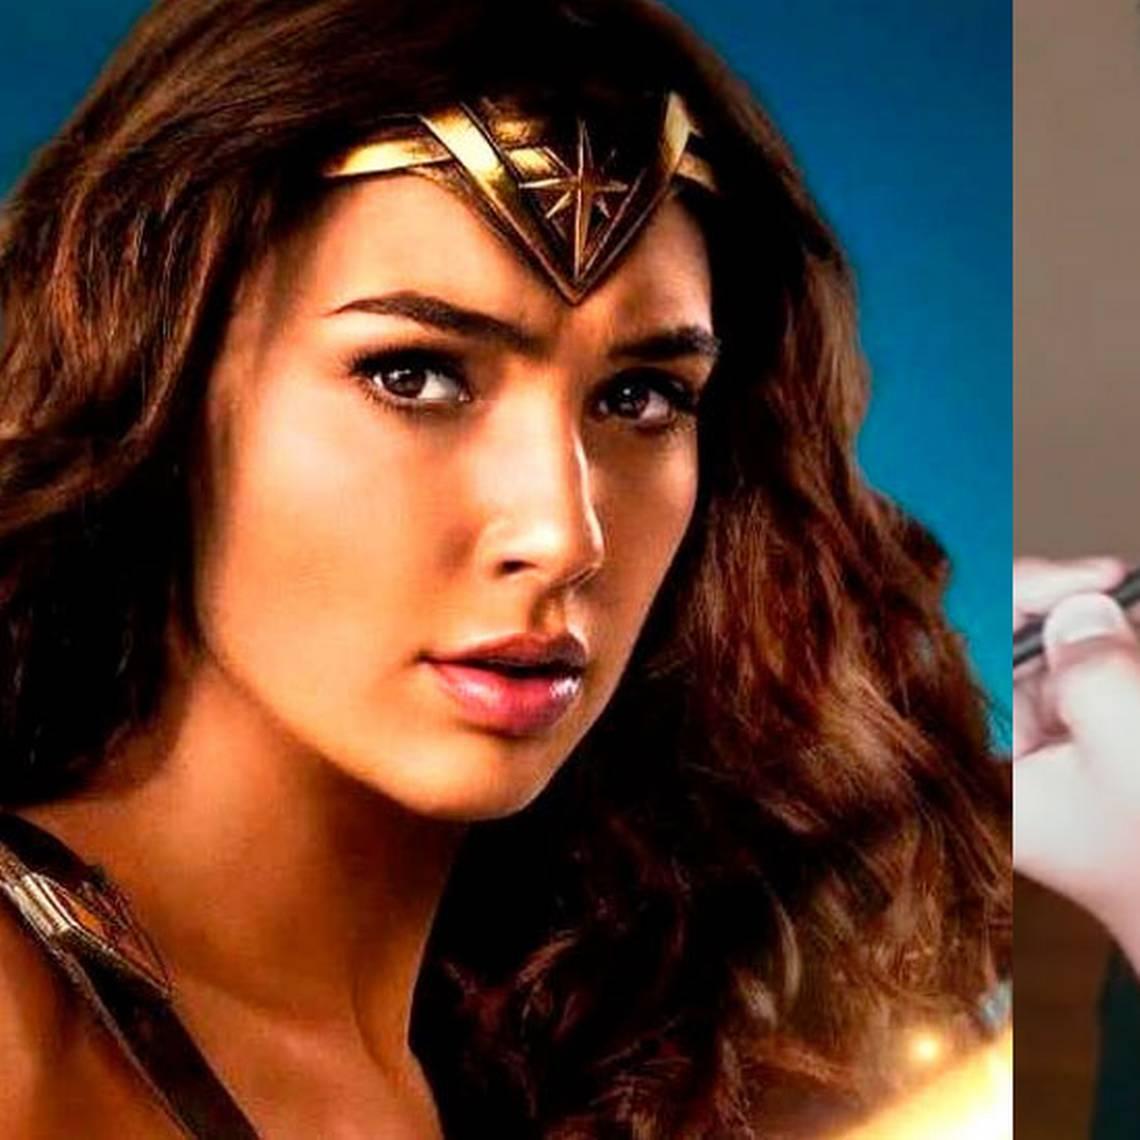 ¡Idénticos! Actor luce igual a La Mujer Maravilla solo con maquillaje